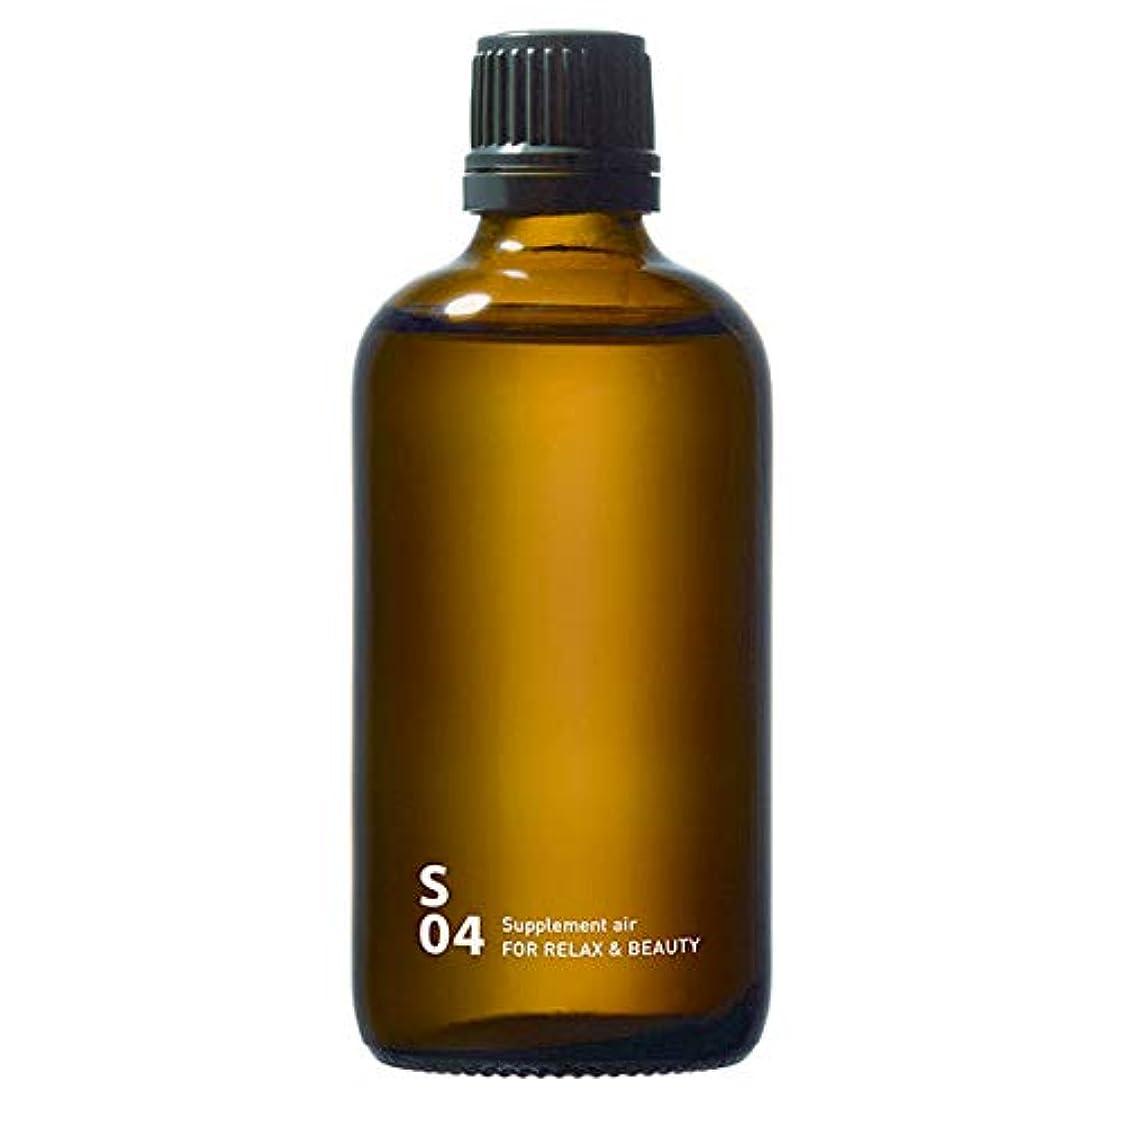 アラバマ大洪水険しいS04 FOR RELAX & BEAUTY piezo aroma oil 100ml